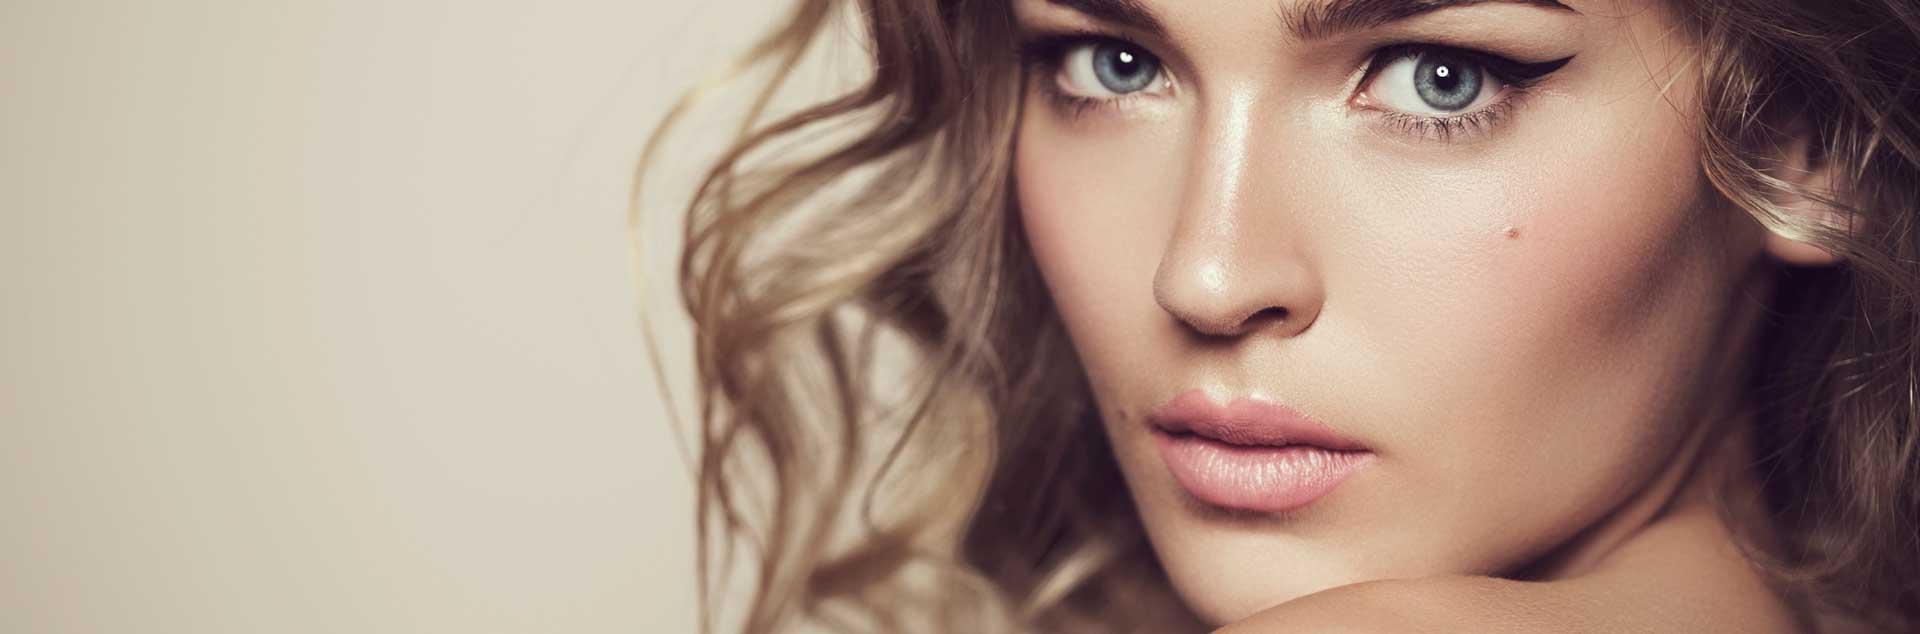 Lippen aufspritzen – verschönern